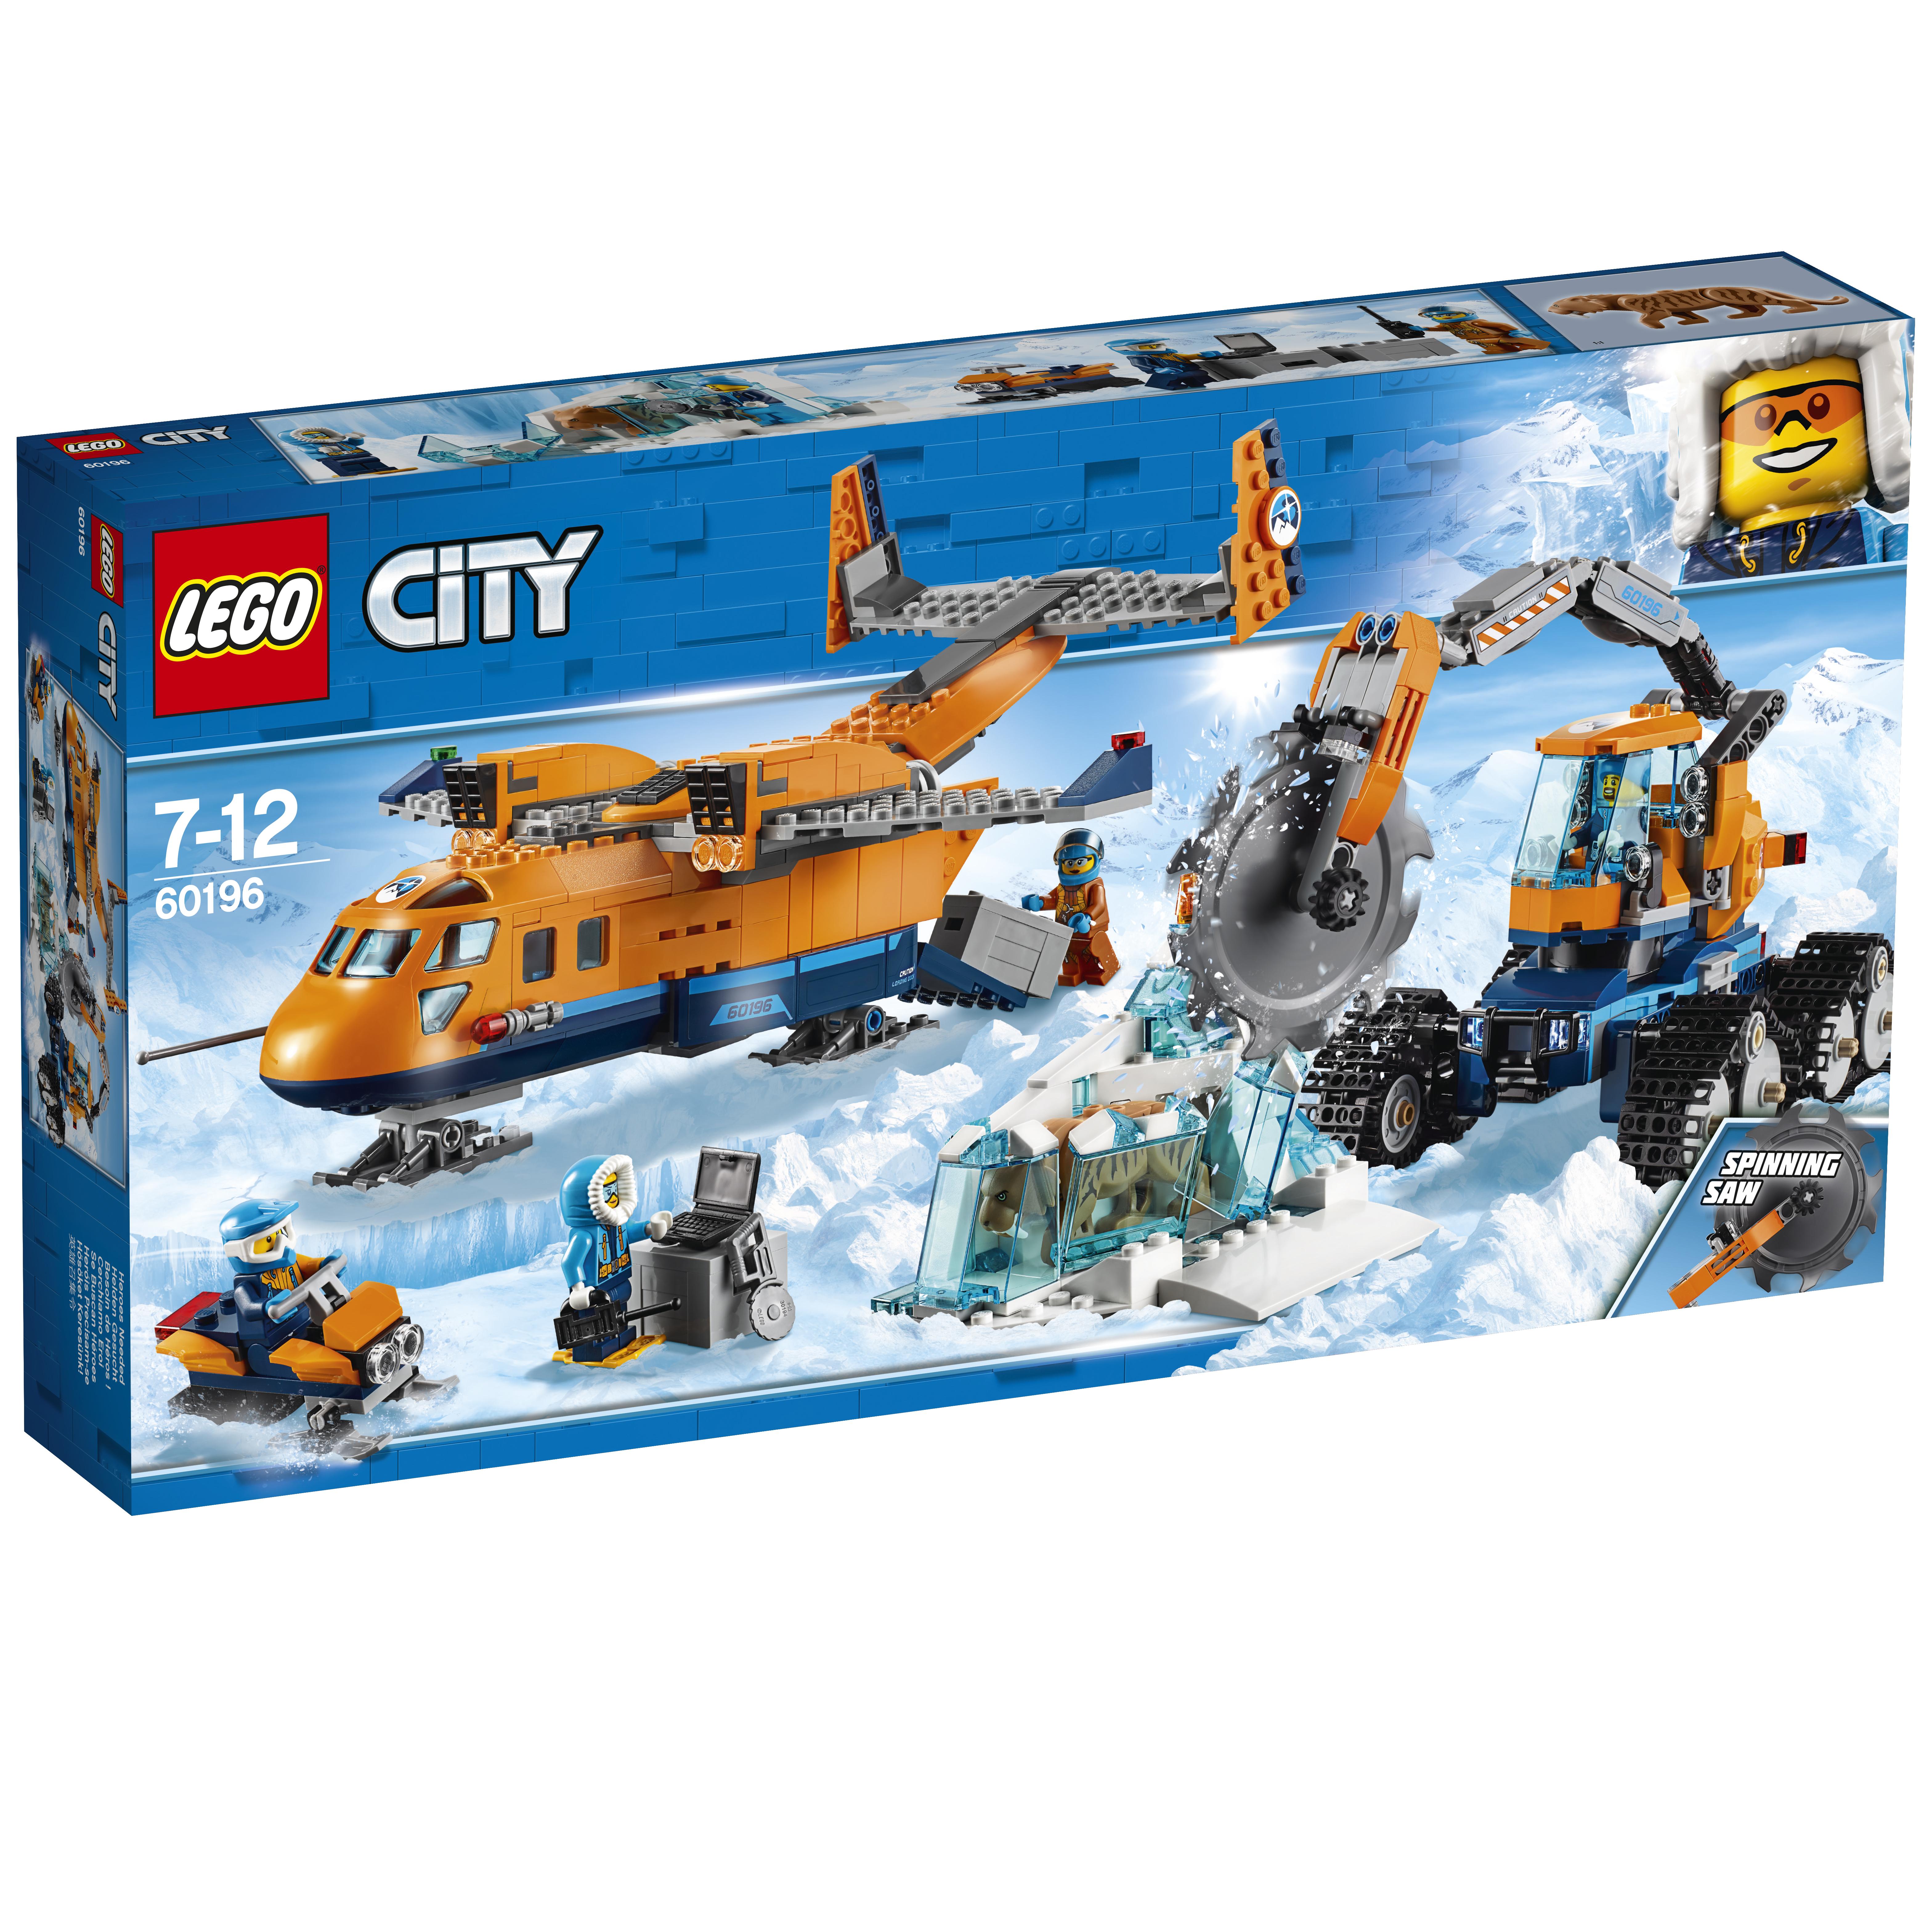 Конструктор LEGO City Arctic Expediti 60196 Арктический грузовой самолёт билеты на самолёт